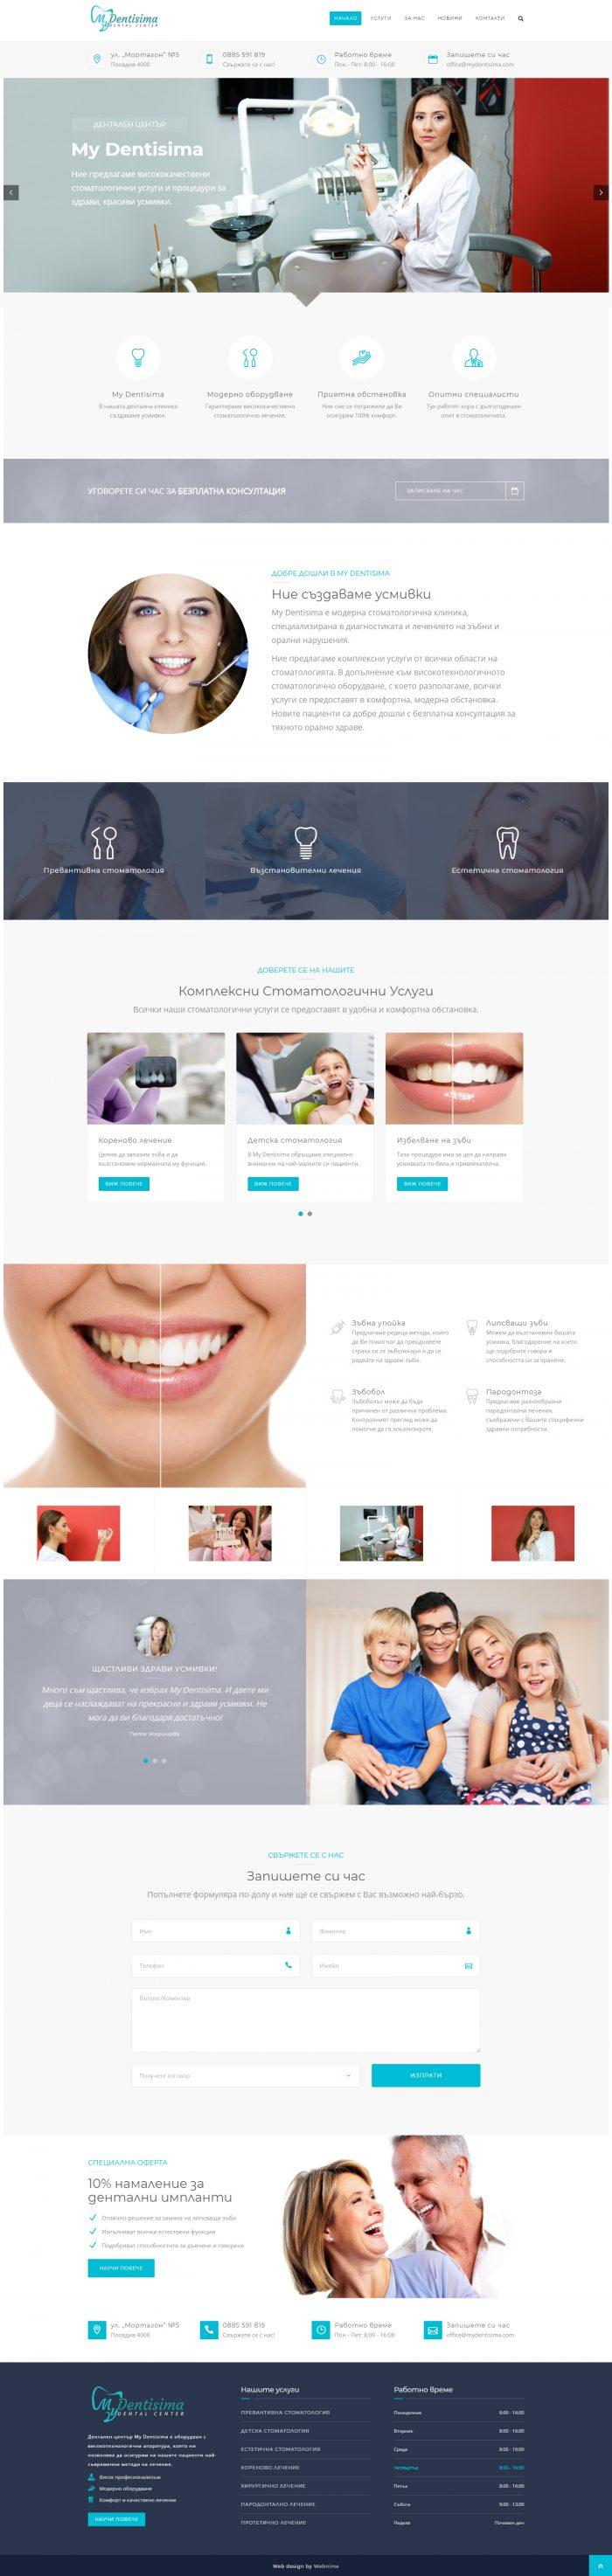 Изработка на сайт за зъболекарски услуги, https://webnime.com/